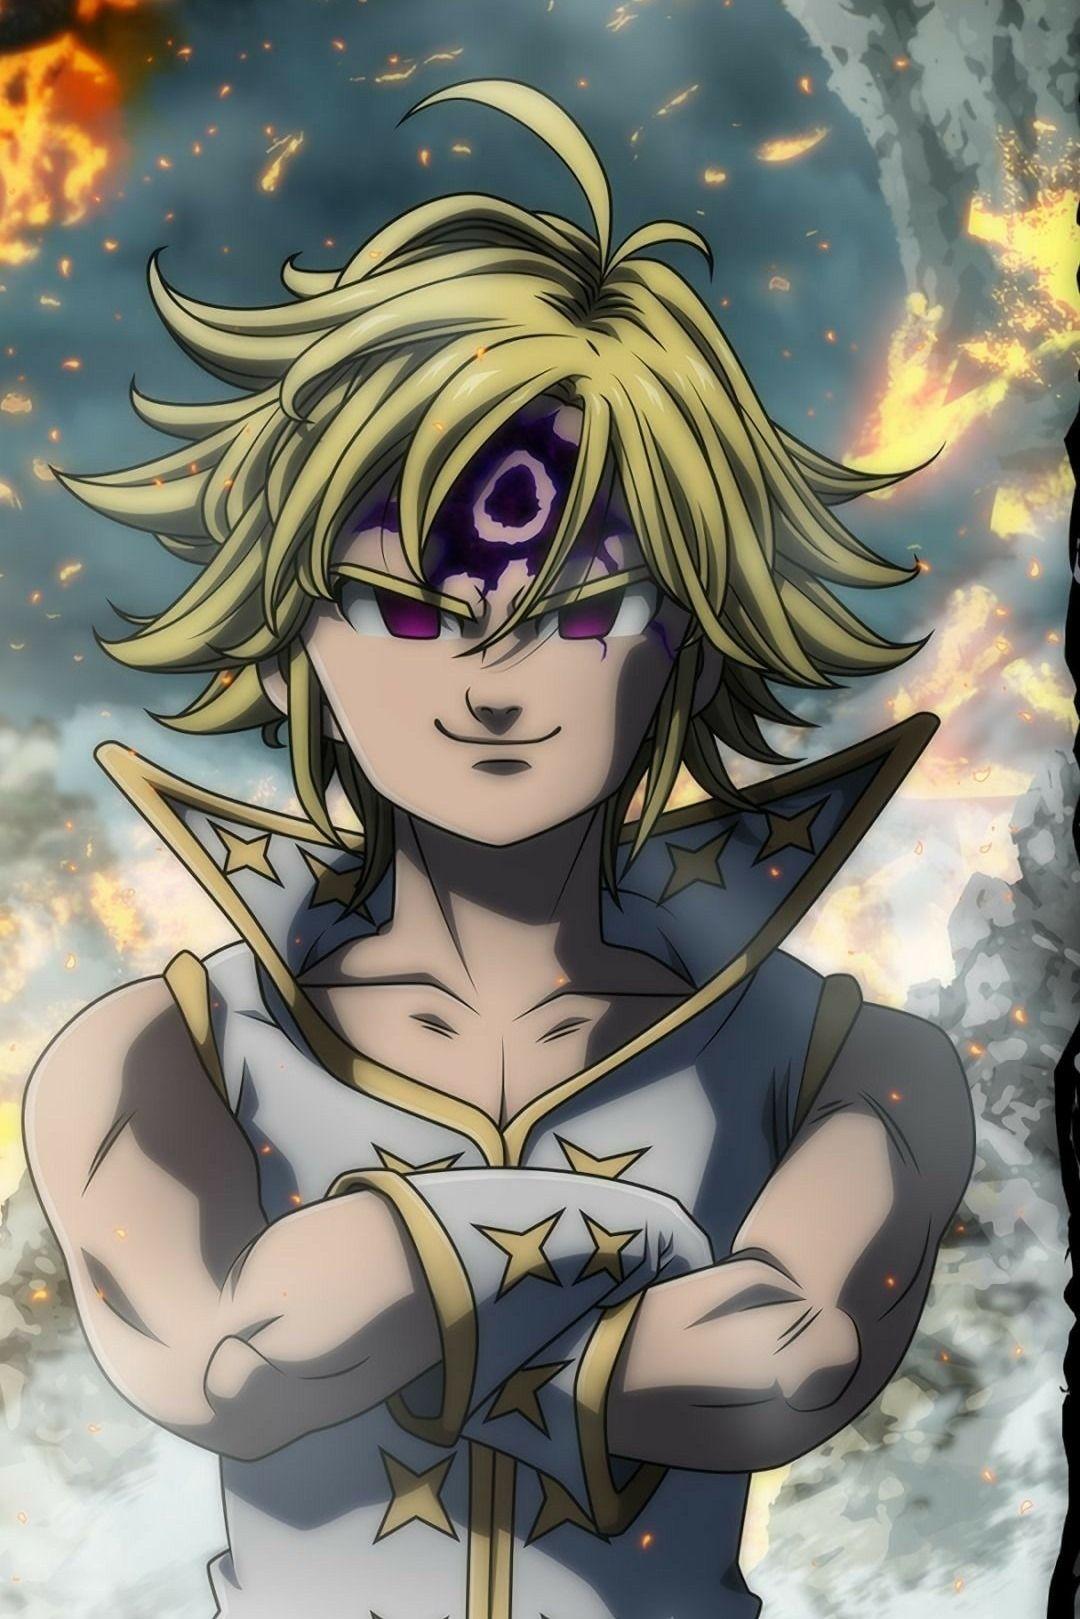 Nanatsu no taizai mangá de Zahid Flores em Anime 7 pecados